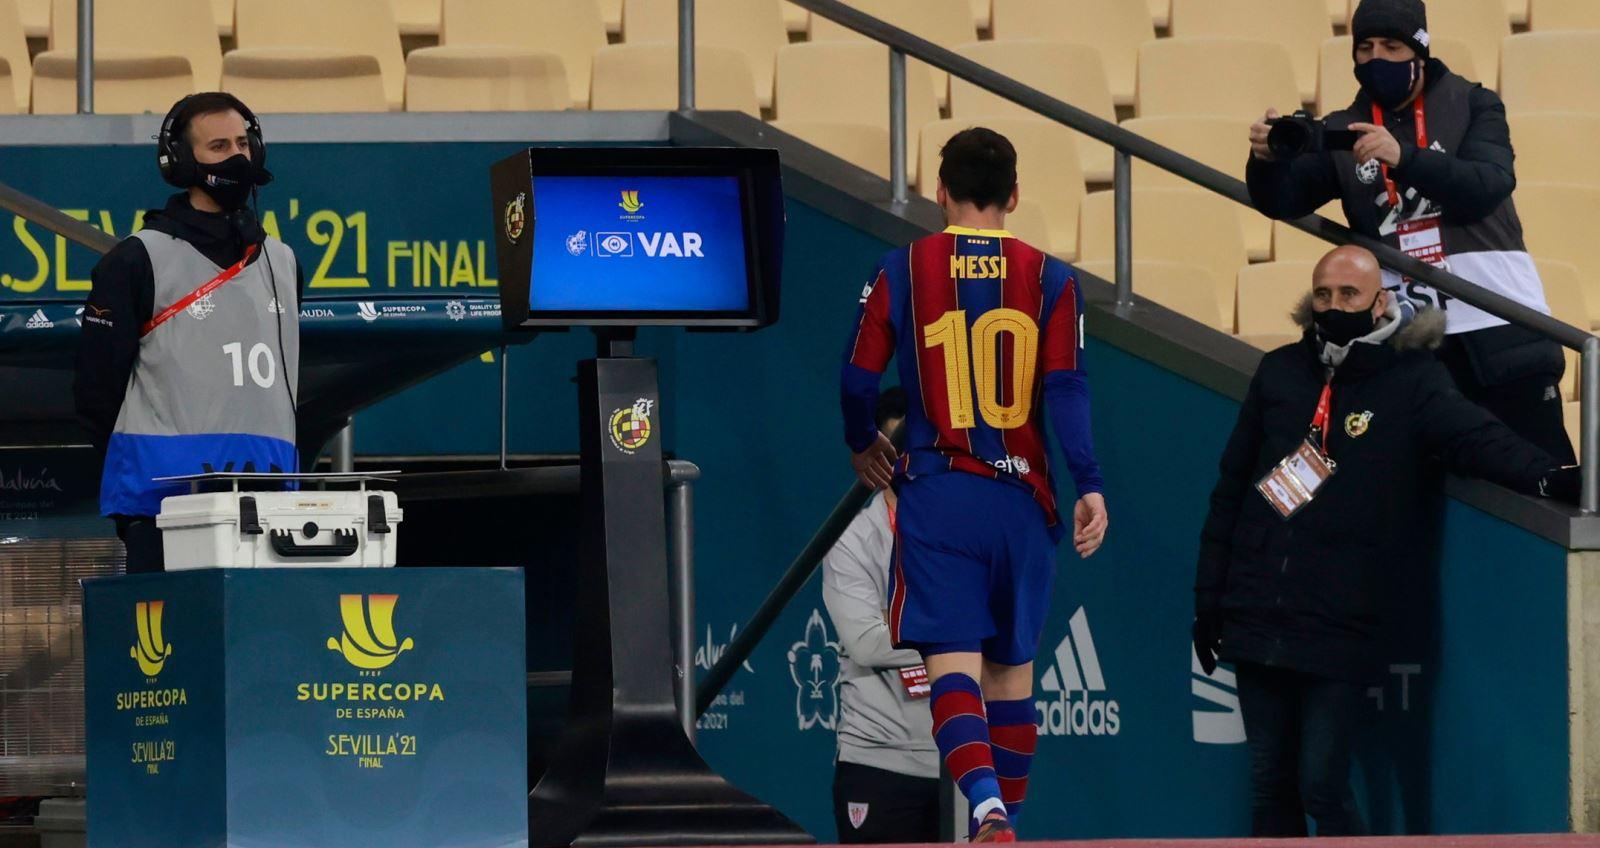 Messi, barcelona, Bảng xếp hạng Ngoại hạng Anh, Liverpool vs MU, Man City vs Crystal Palace, Kqbd, Kết quả bóng đá Anh, BXH Ngoại hạng Anh vòng 19, BXH bóng đá Anh